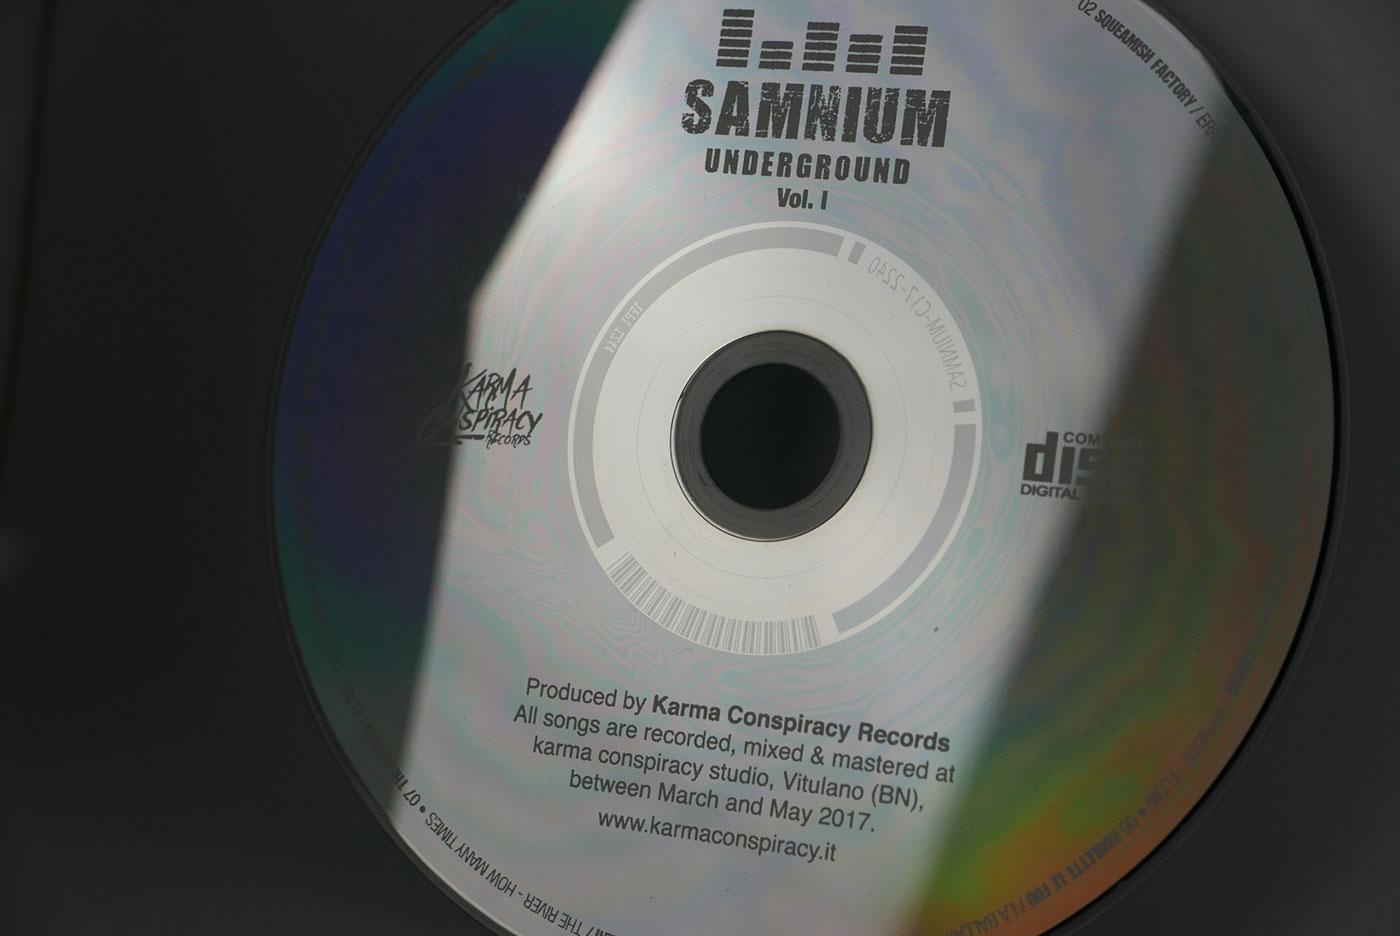 Cd-label samnium undergrund